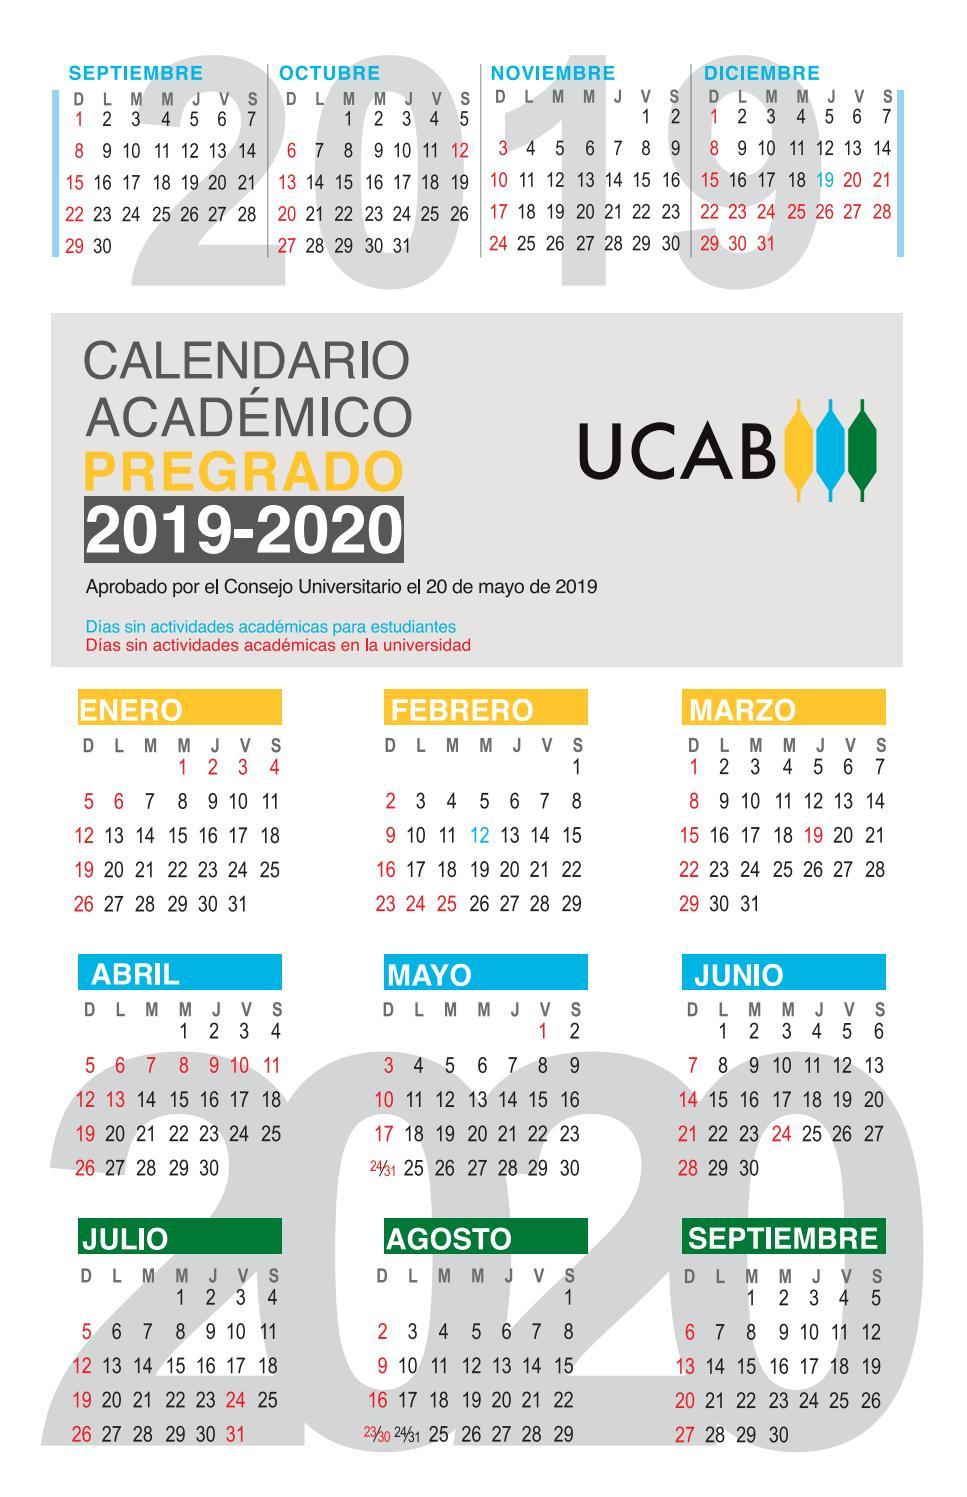 Calendario Universitario.Calendario Academico Pregrado 2019 2020 Ucab By Ucab Caracas